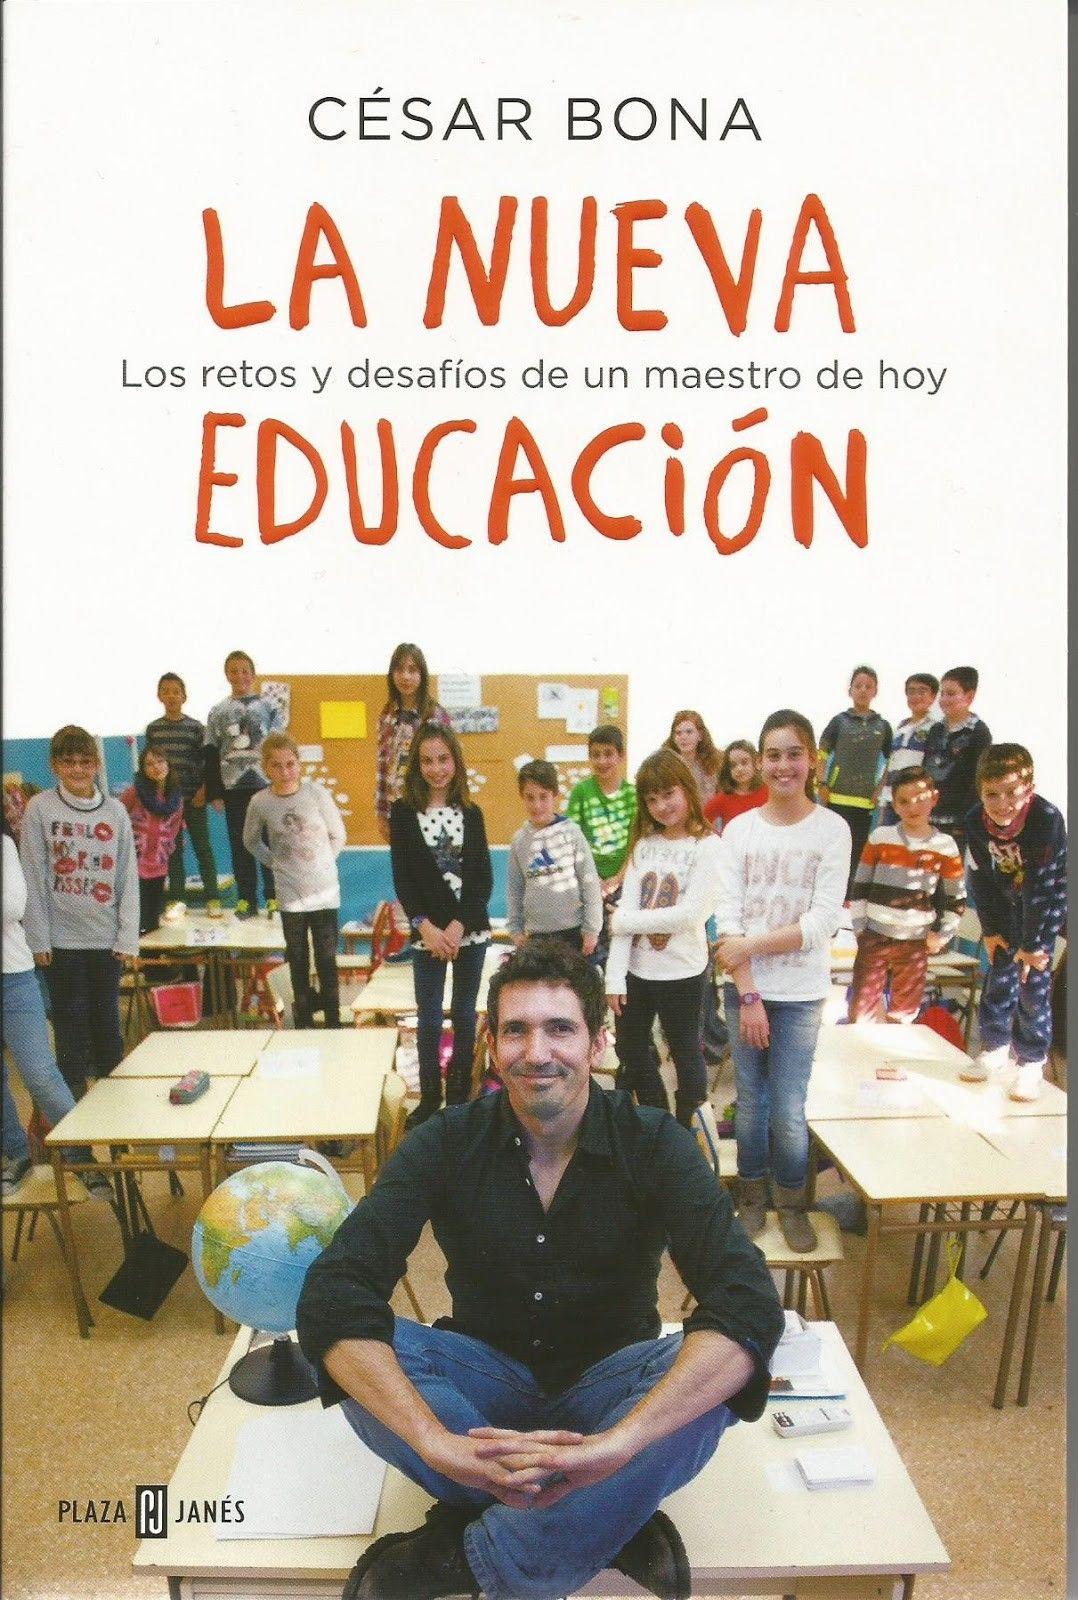 La nueva educación : los retos y desafios de un maestro de hoy /César Bona.-- 9ª ed.-- Barcelona : Plaza Janés, 2015.